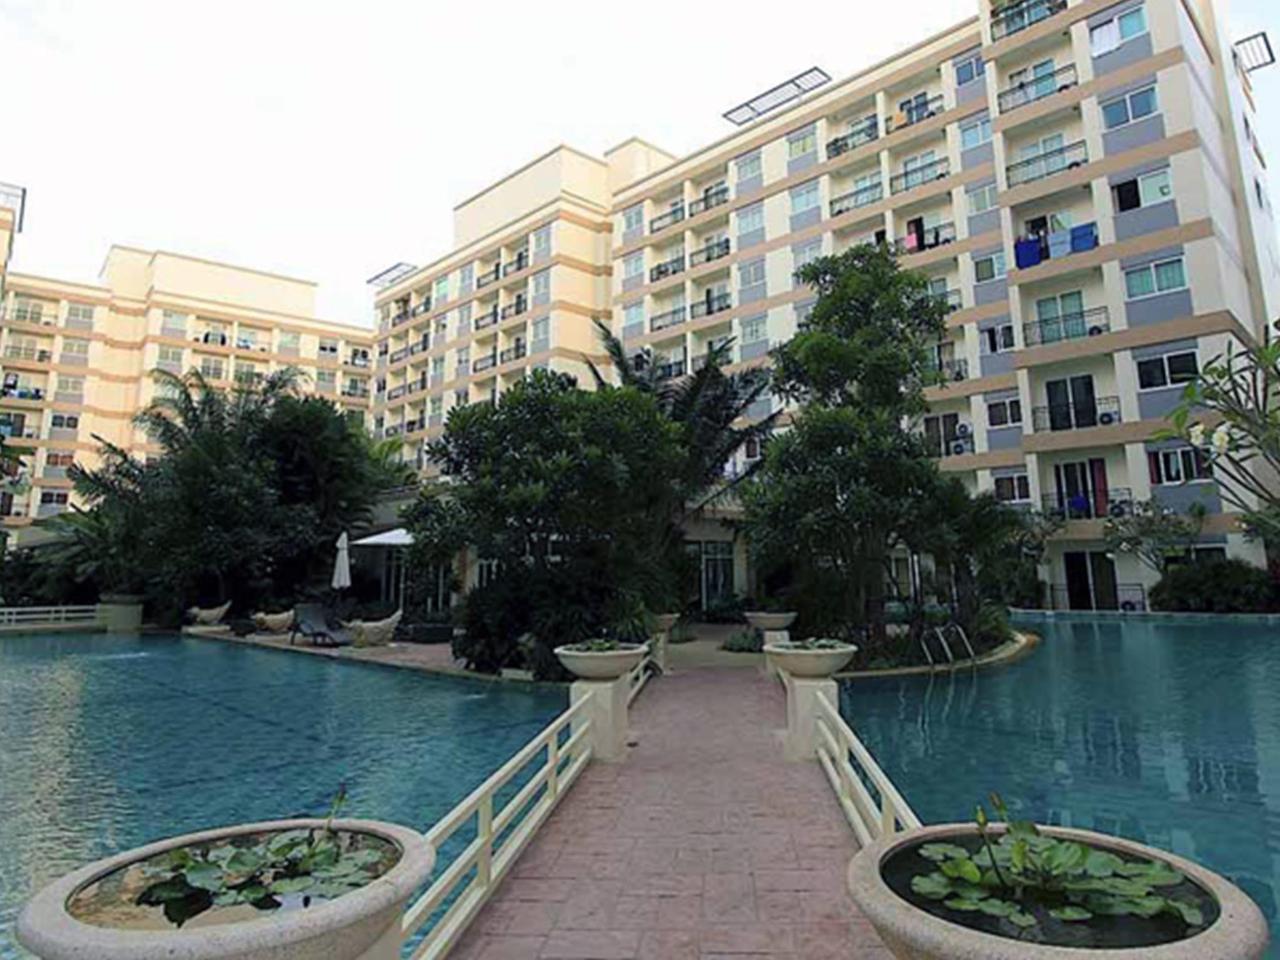 ปาร์คเลน จอมเทียน รีสอร์ท บาย คริส (Park Lane Jomtien Resort by Chris)